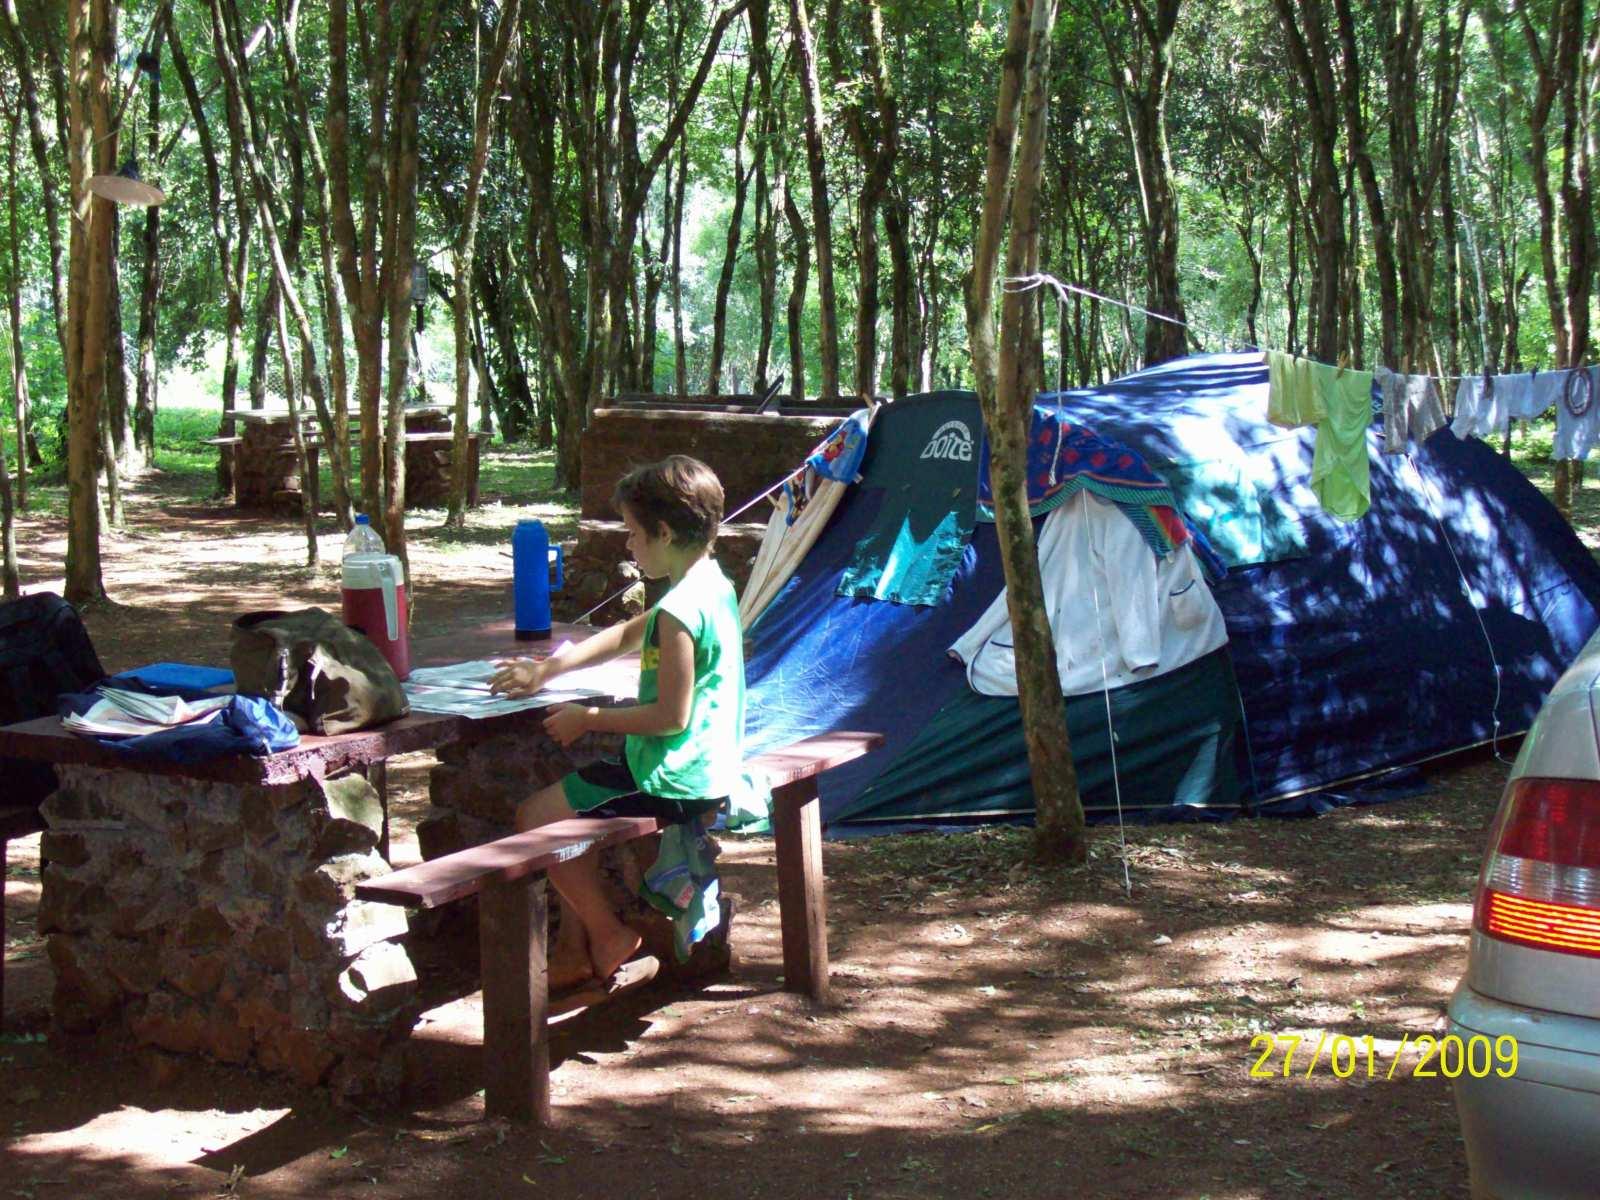 Informe de Campings en Misiones (ahora con imágenes) 33c5ht5